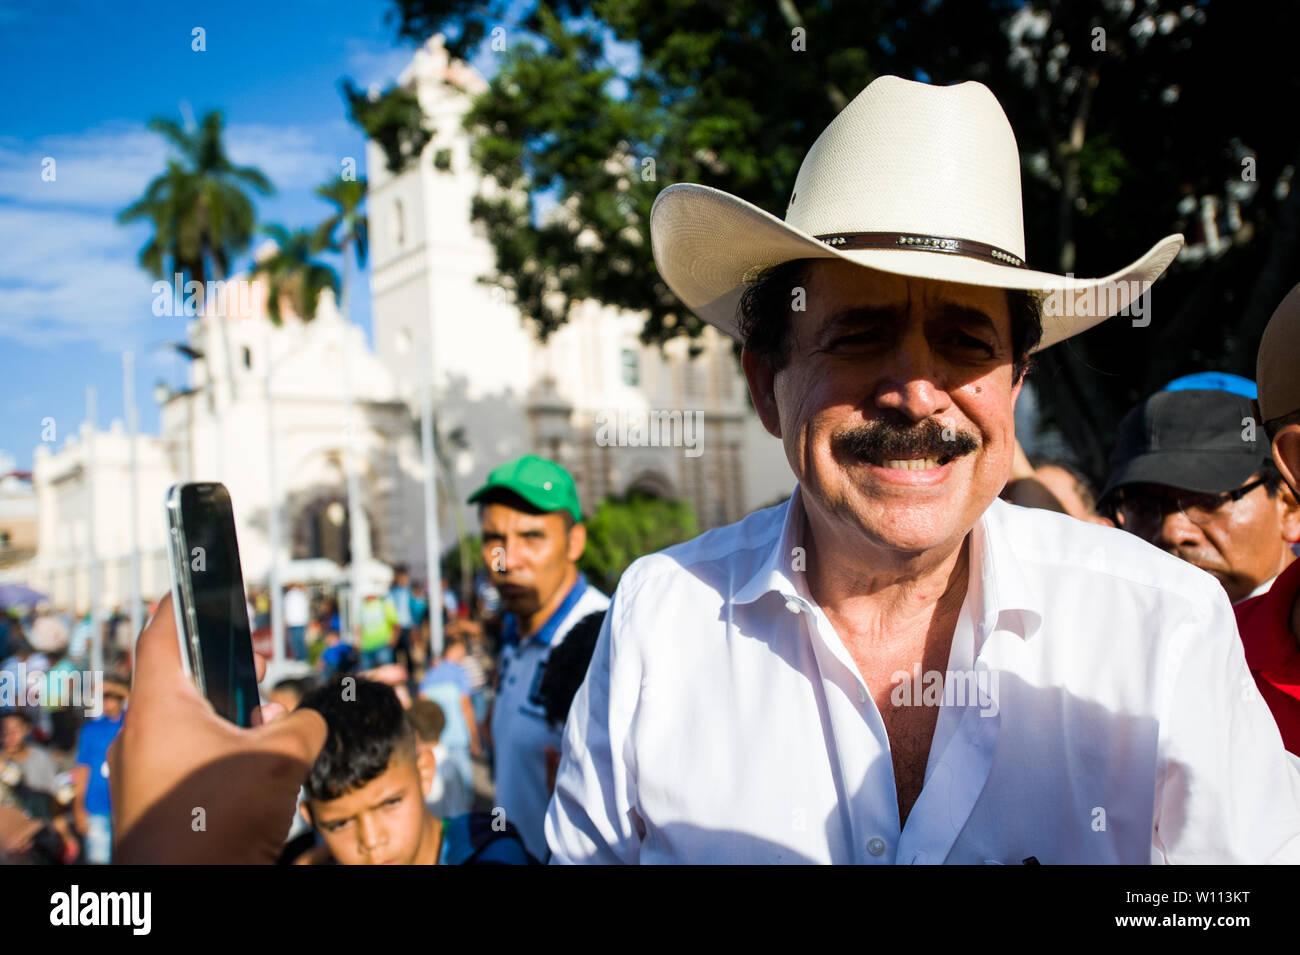 Tegucigalpa, Honduras. Il 29 giugno, 2019. Forme Honduras presidente Manuel Zelaya prende parte ad un concerto per celebrare i dieci anni di anniversario di colpo di credito: Camilo Freedman/ZUMA filo/Alamy Live News Foto Stock